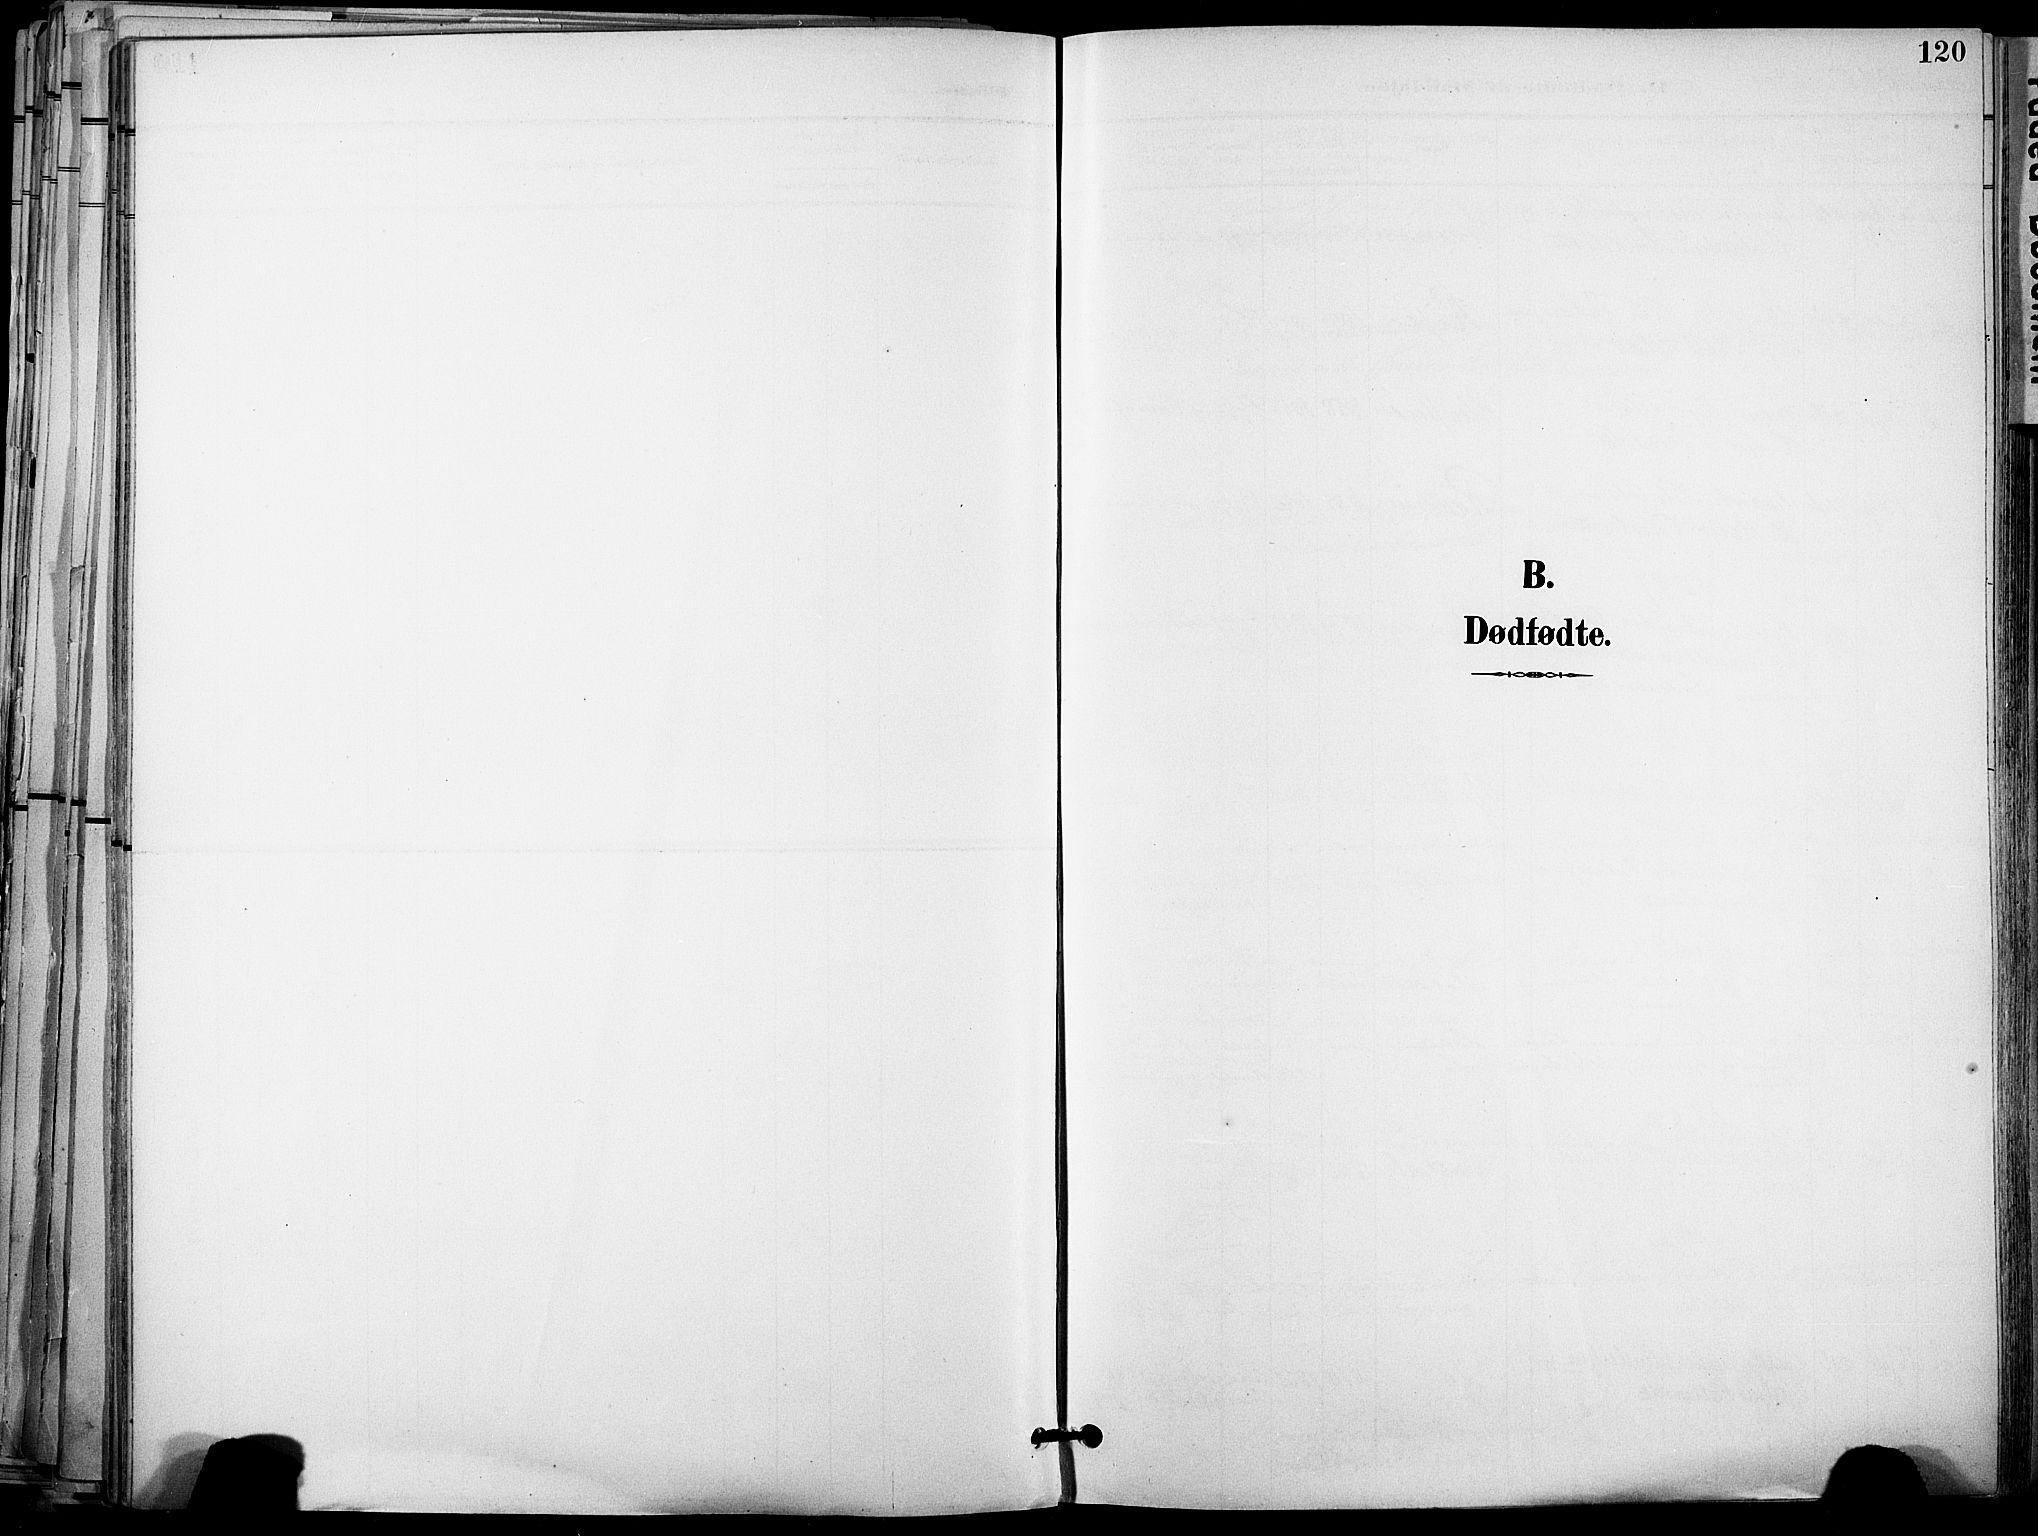 SAT, Ministerialprotokoller, klokkerbøker og fødselsregistre - Sør-Trøndelag, 678/L0902: Ministerialbok nr. 678A11, 1895-1911, s. 120